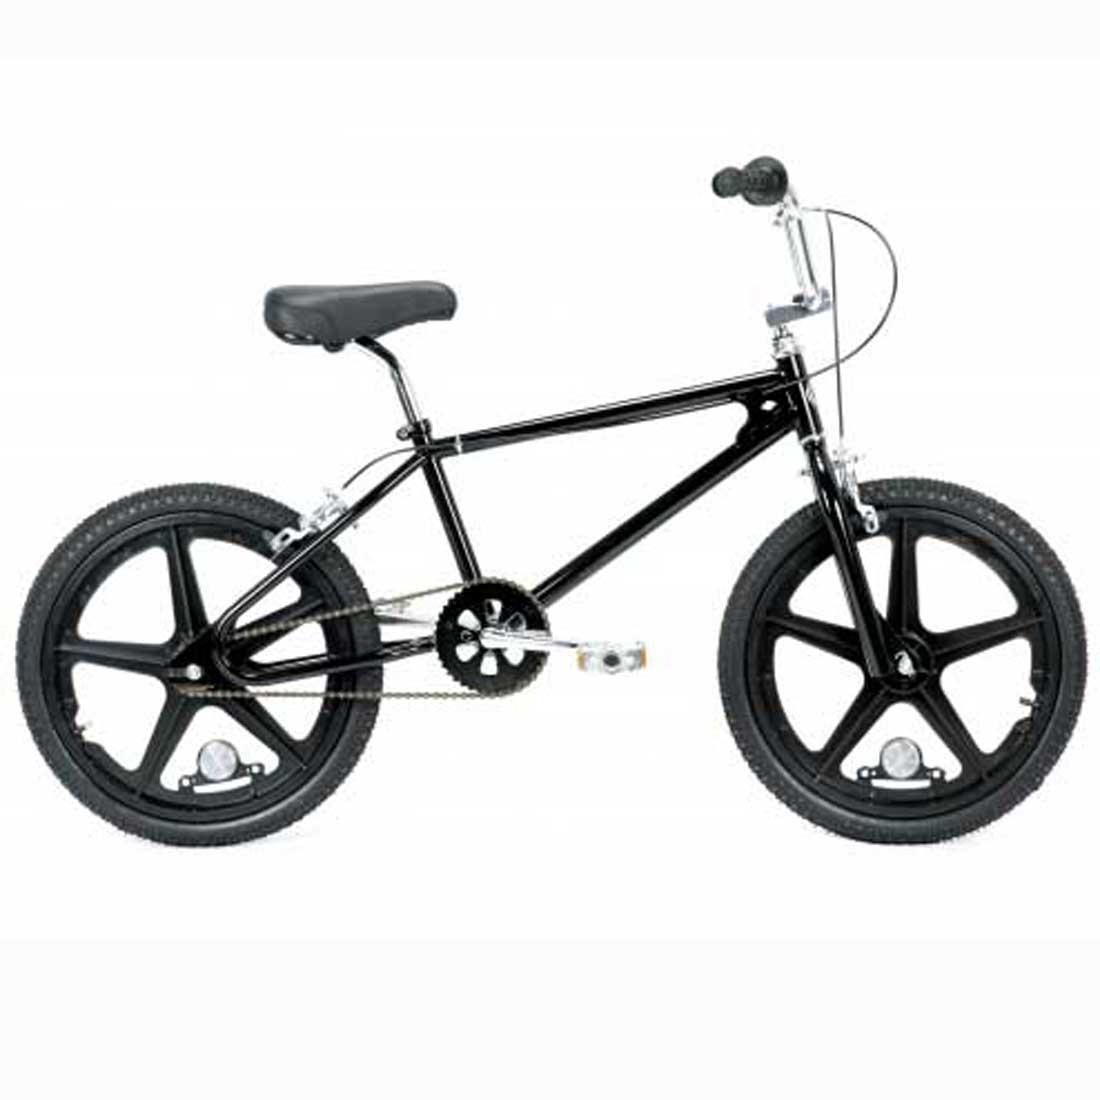 レインボー VOLT BMX 20インチ おしゃれ 自転車 通勤 通学 メンズ レディース ジュニア E.T VOLT BMX